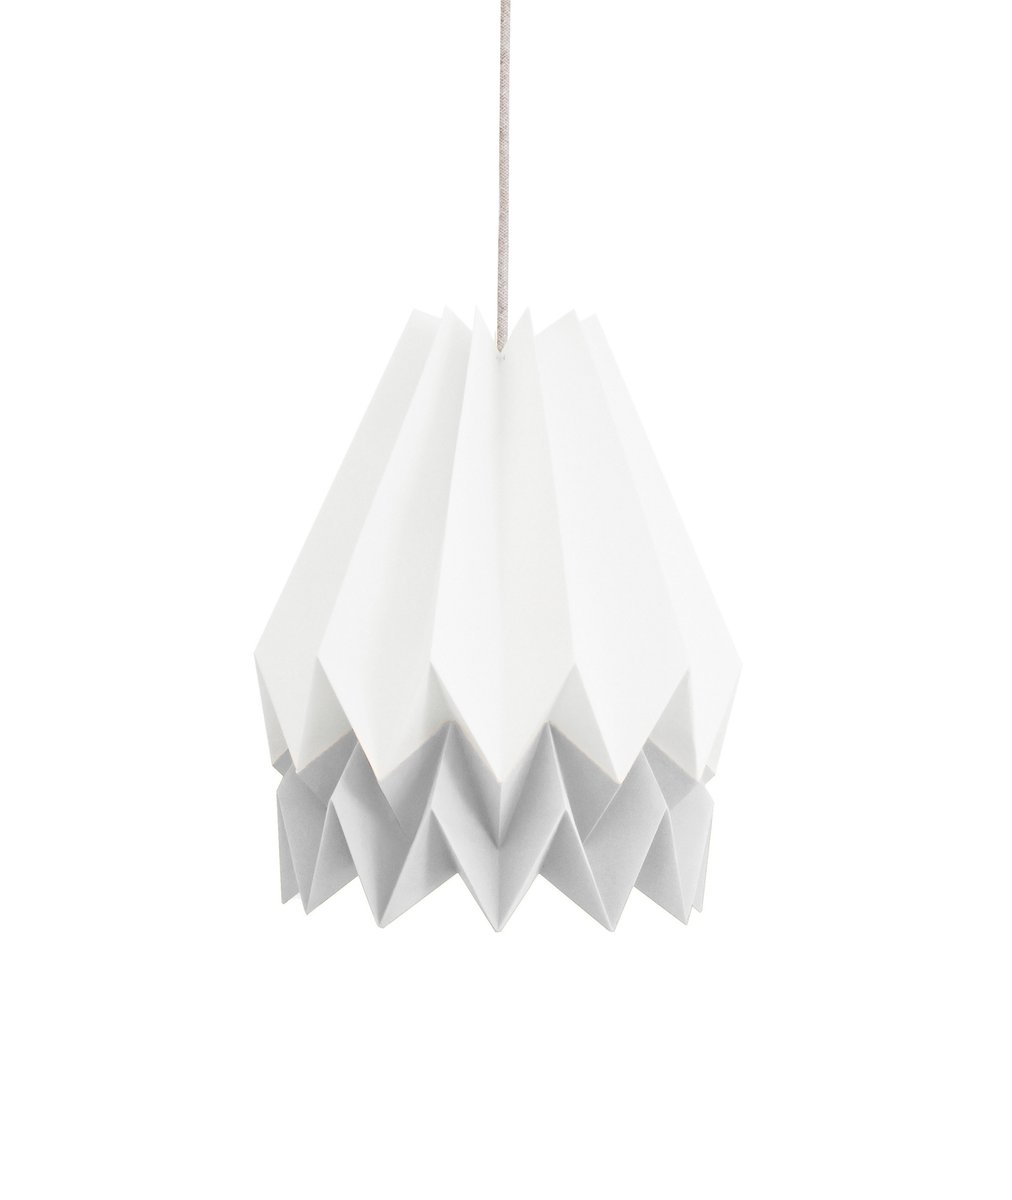 Polarweiße Origami Lampe mit hellgrauem Streifen von Orikomi